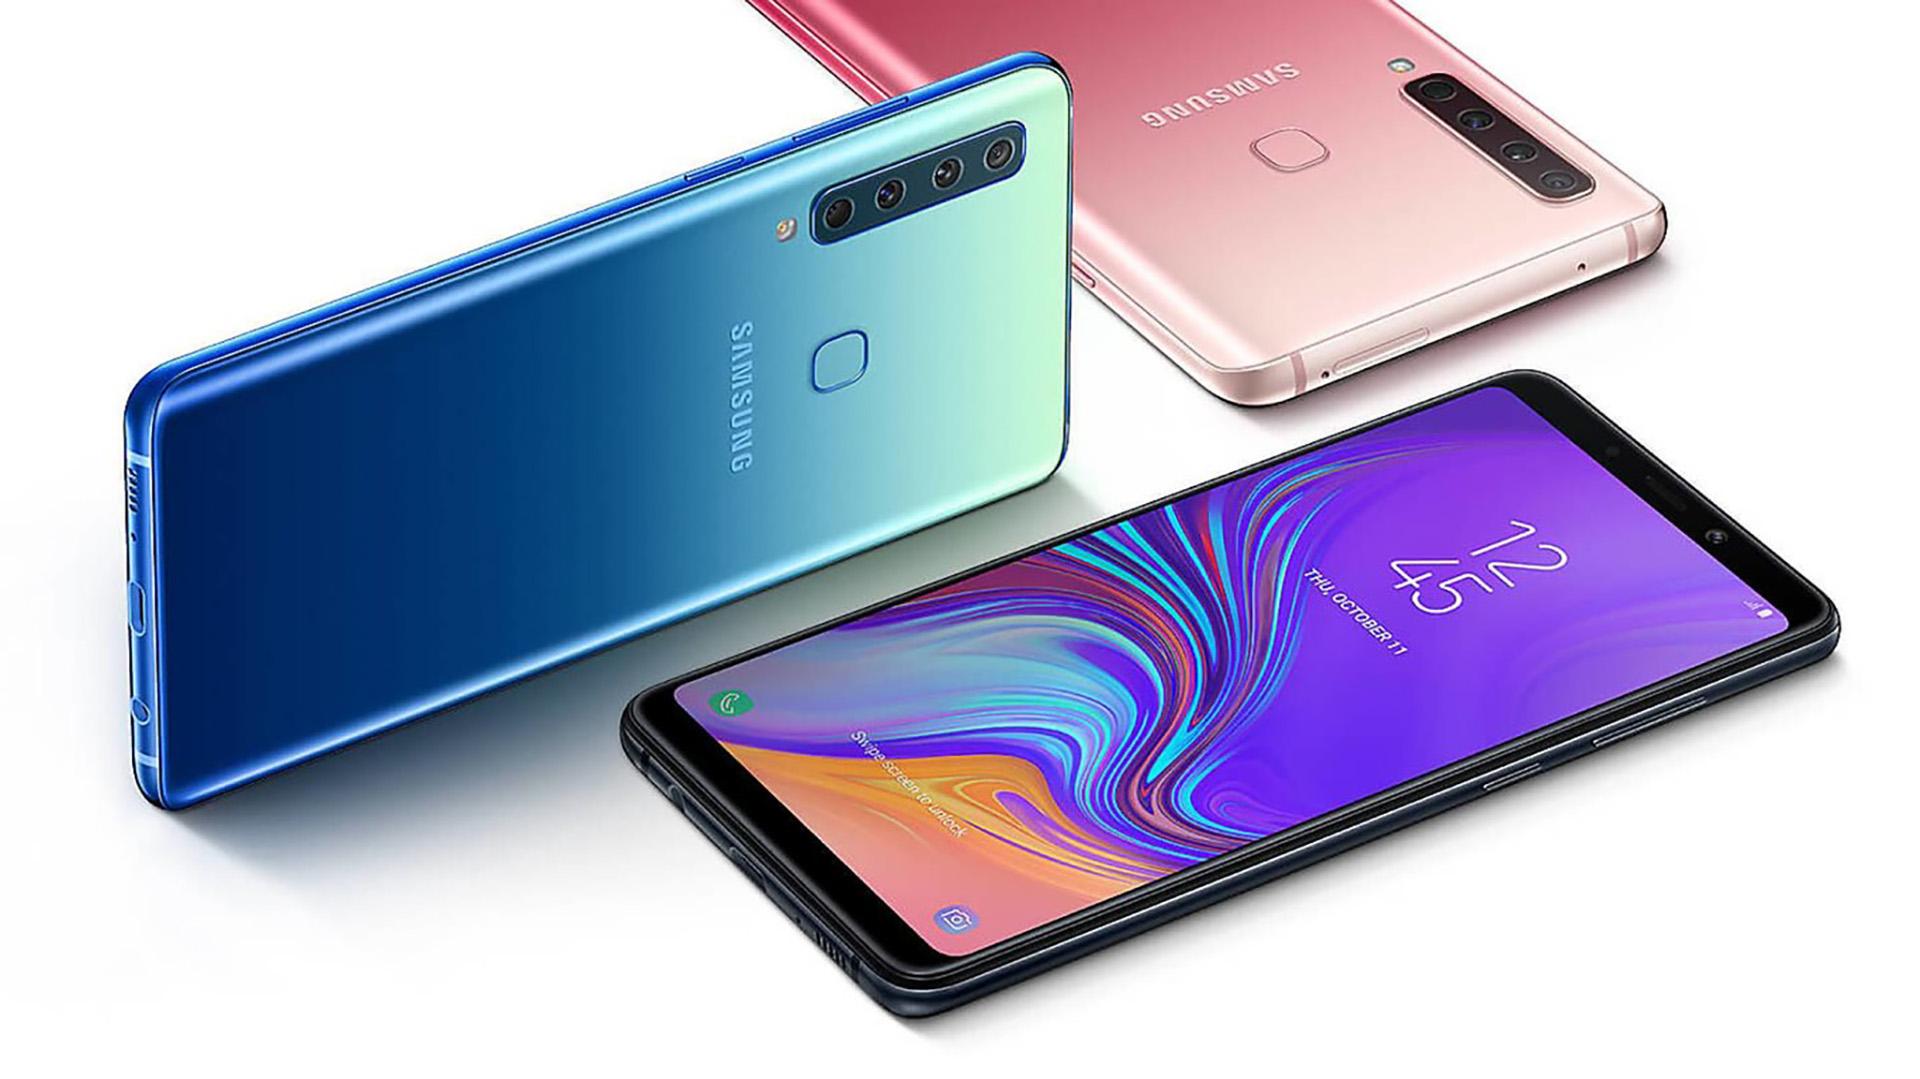 El teléfono saldrá a la venta en noviembre y se ofrecerá en tres colores.